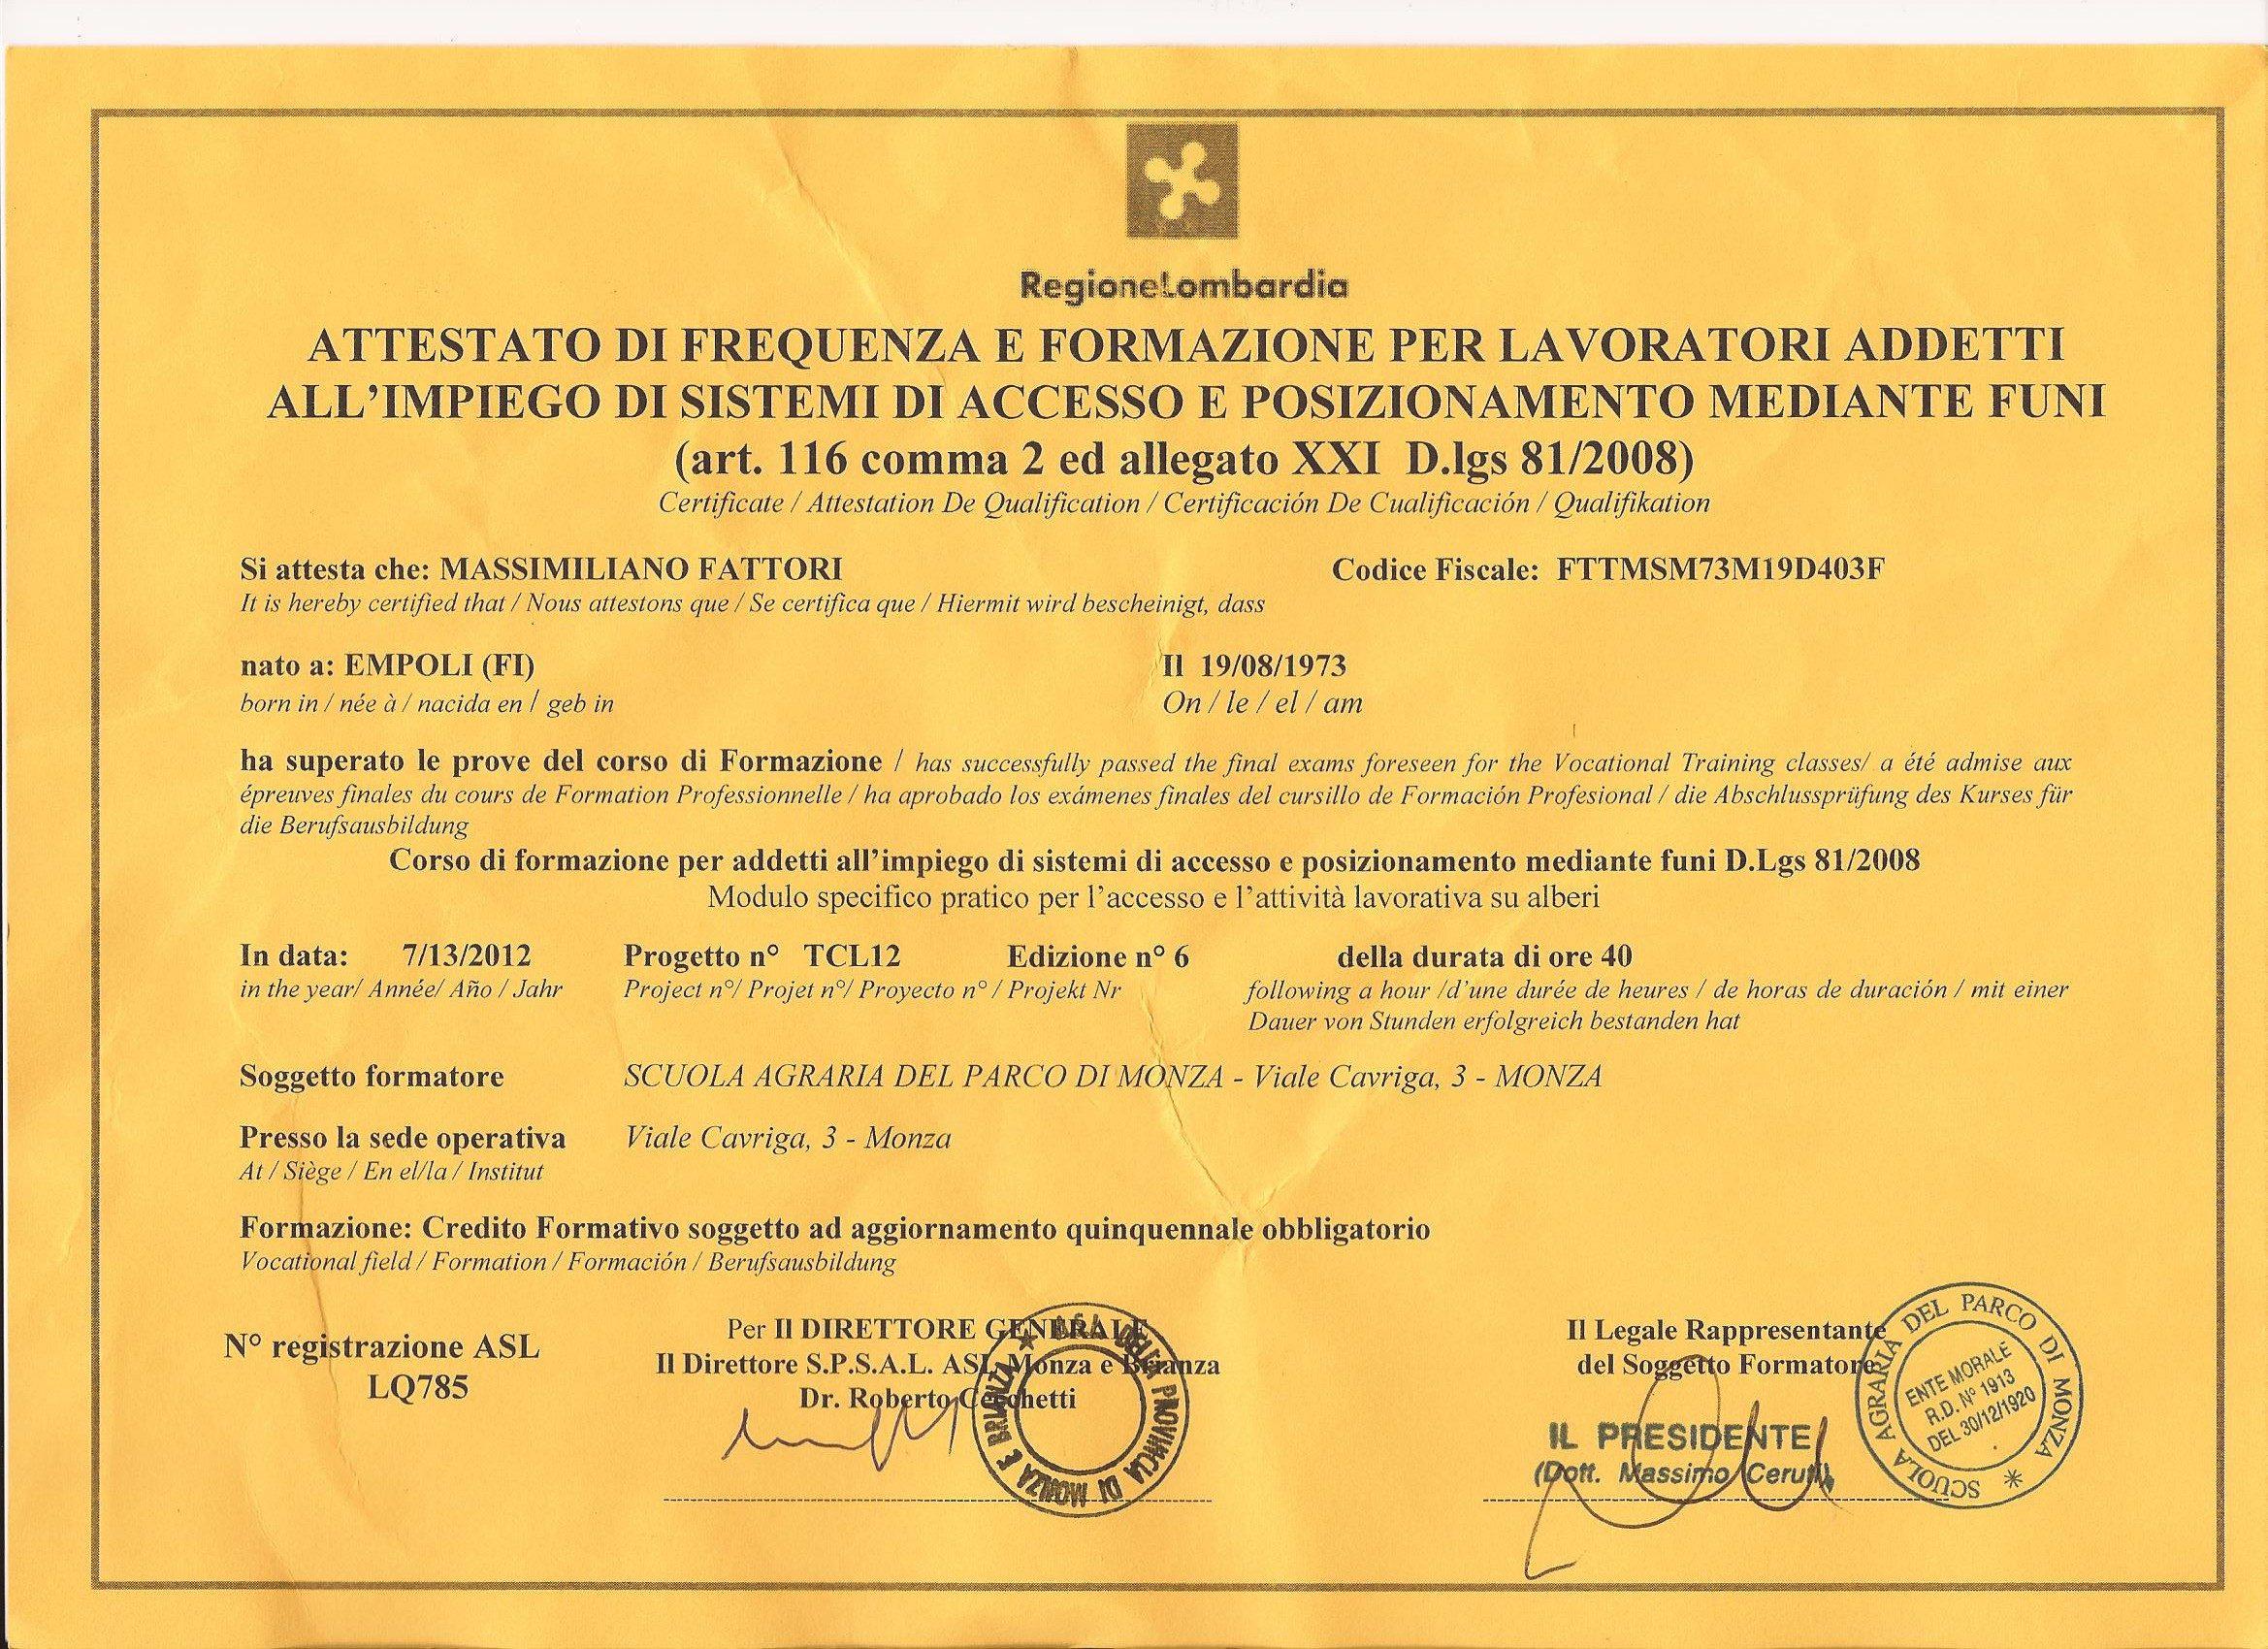 certificazione per lavori su fune 001